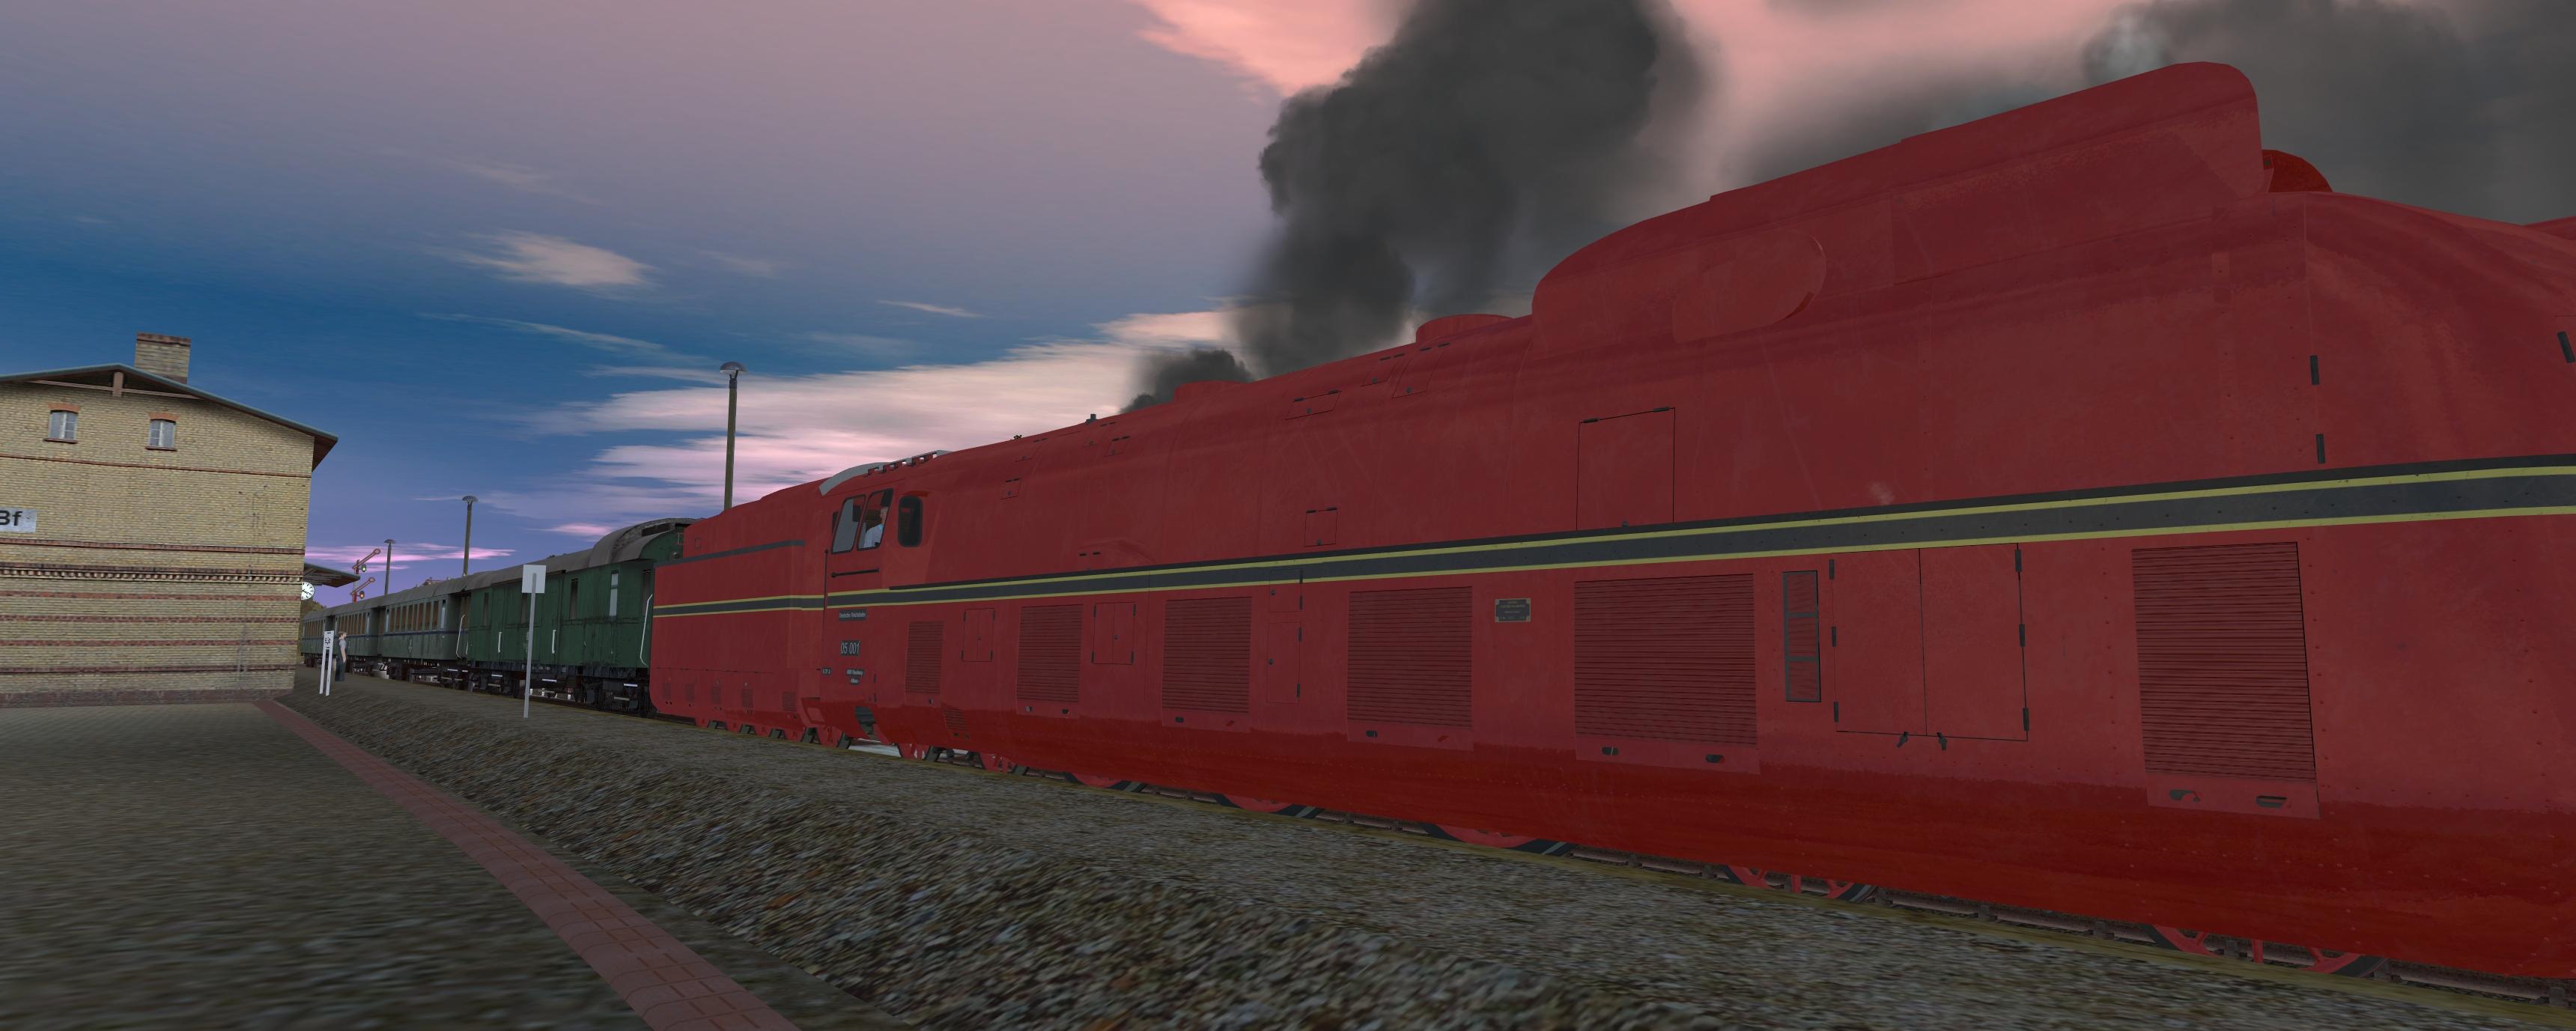 3DZUG - Class 05 (DRG)